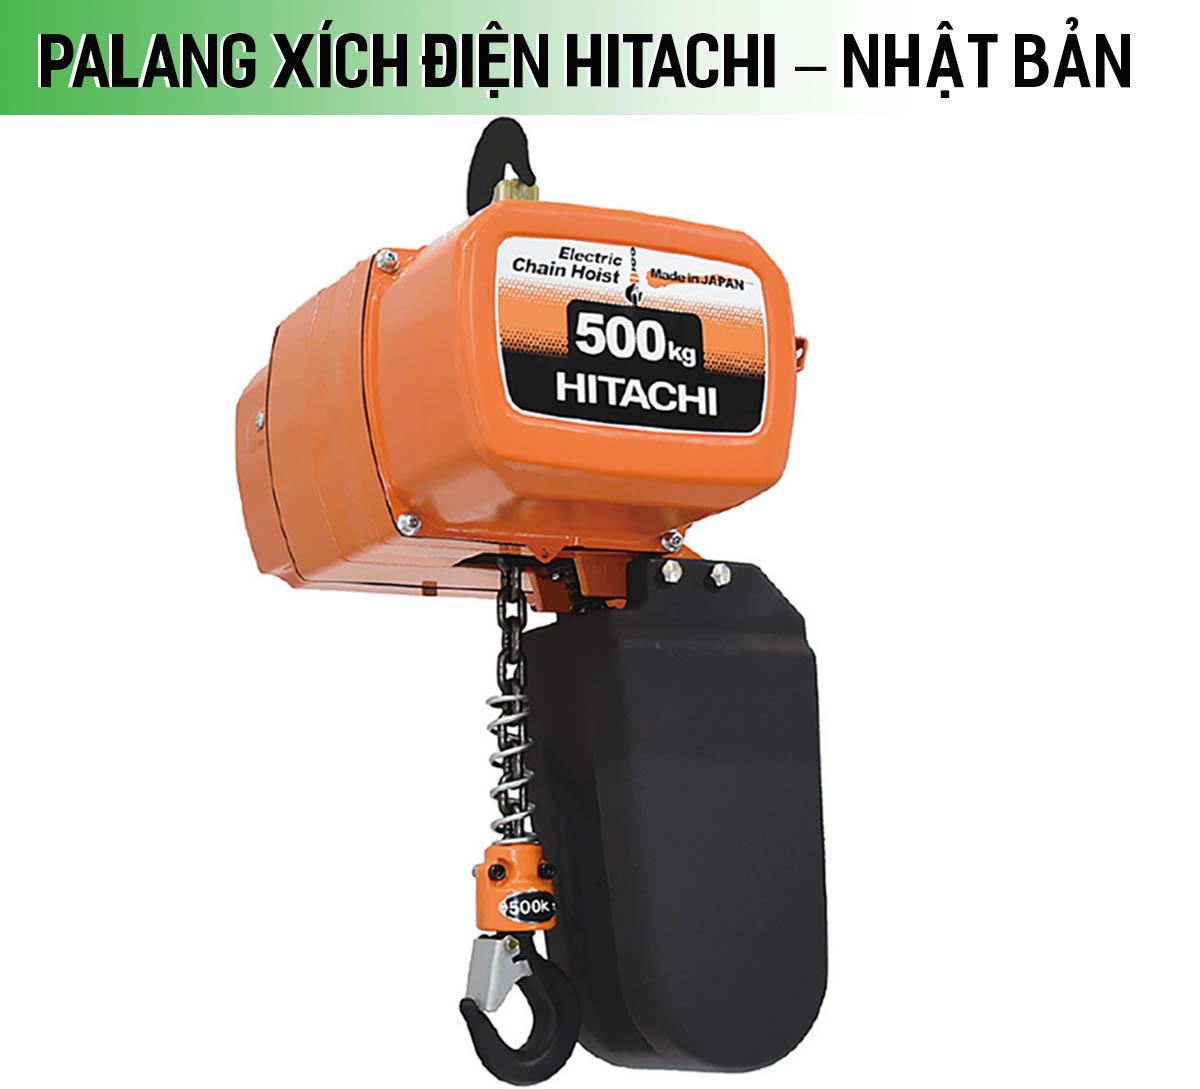 Palang xích điện Hitachi